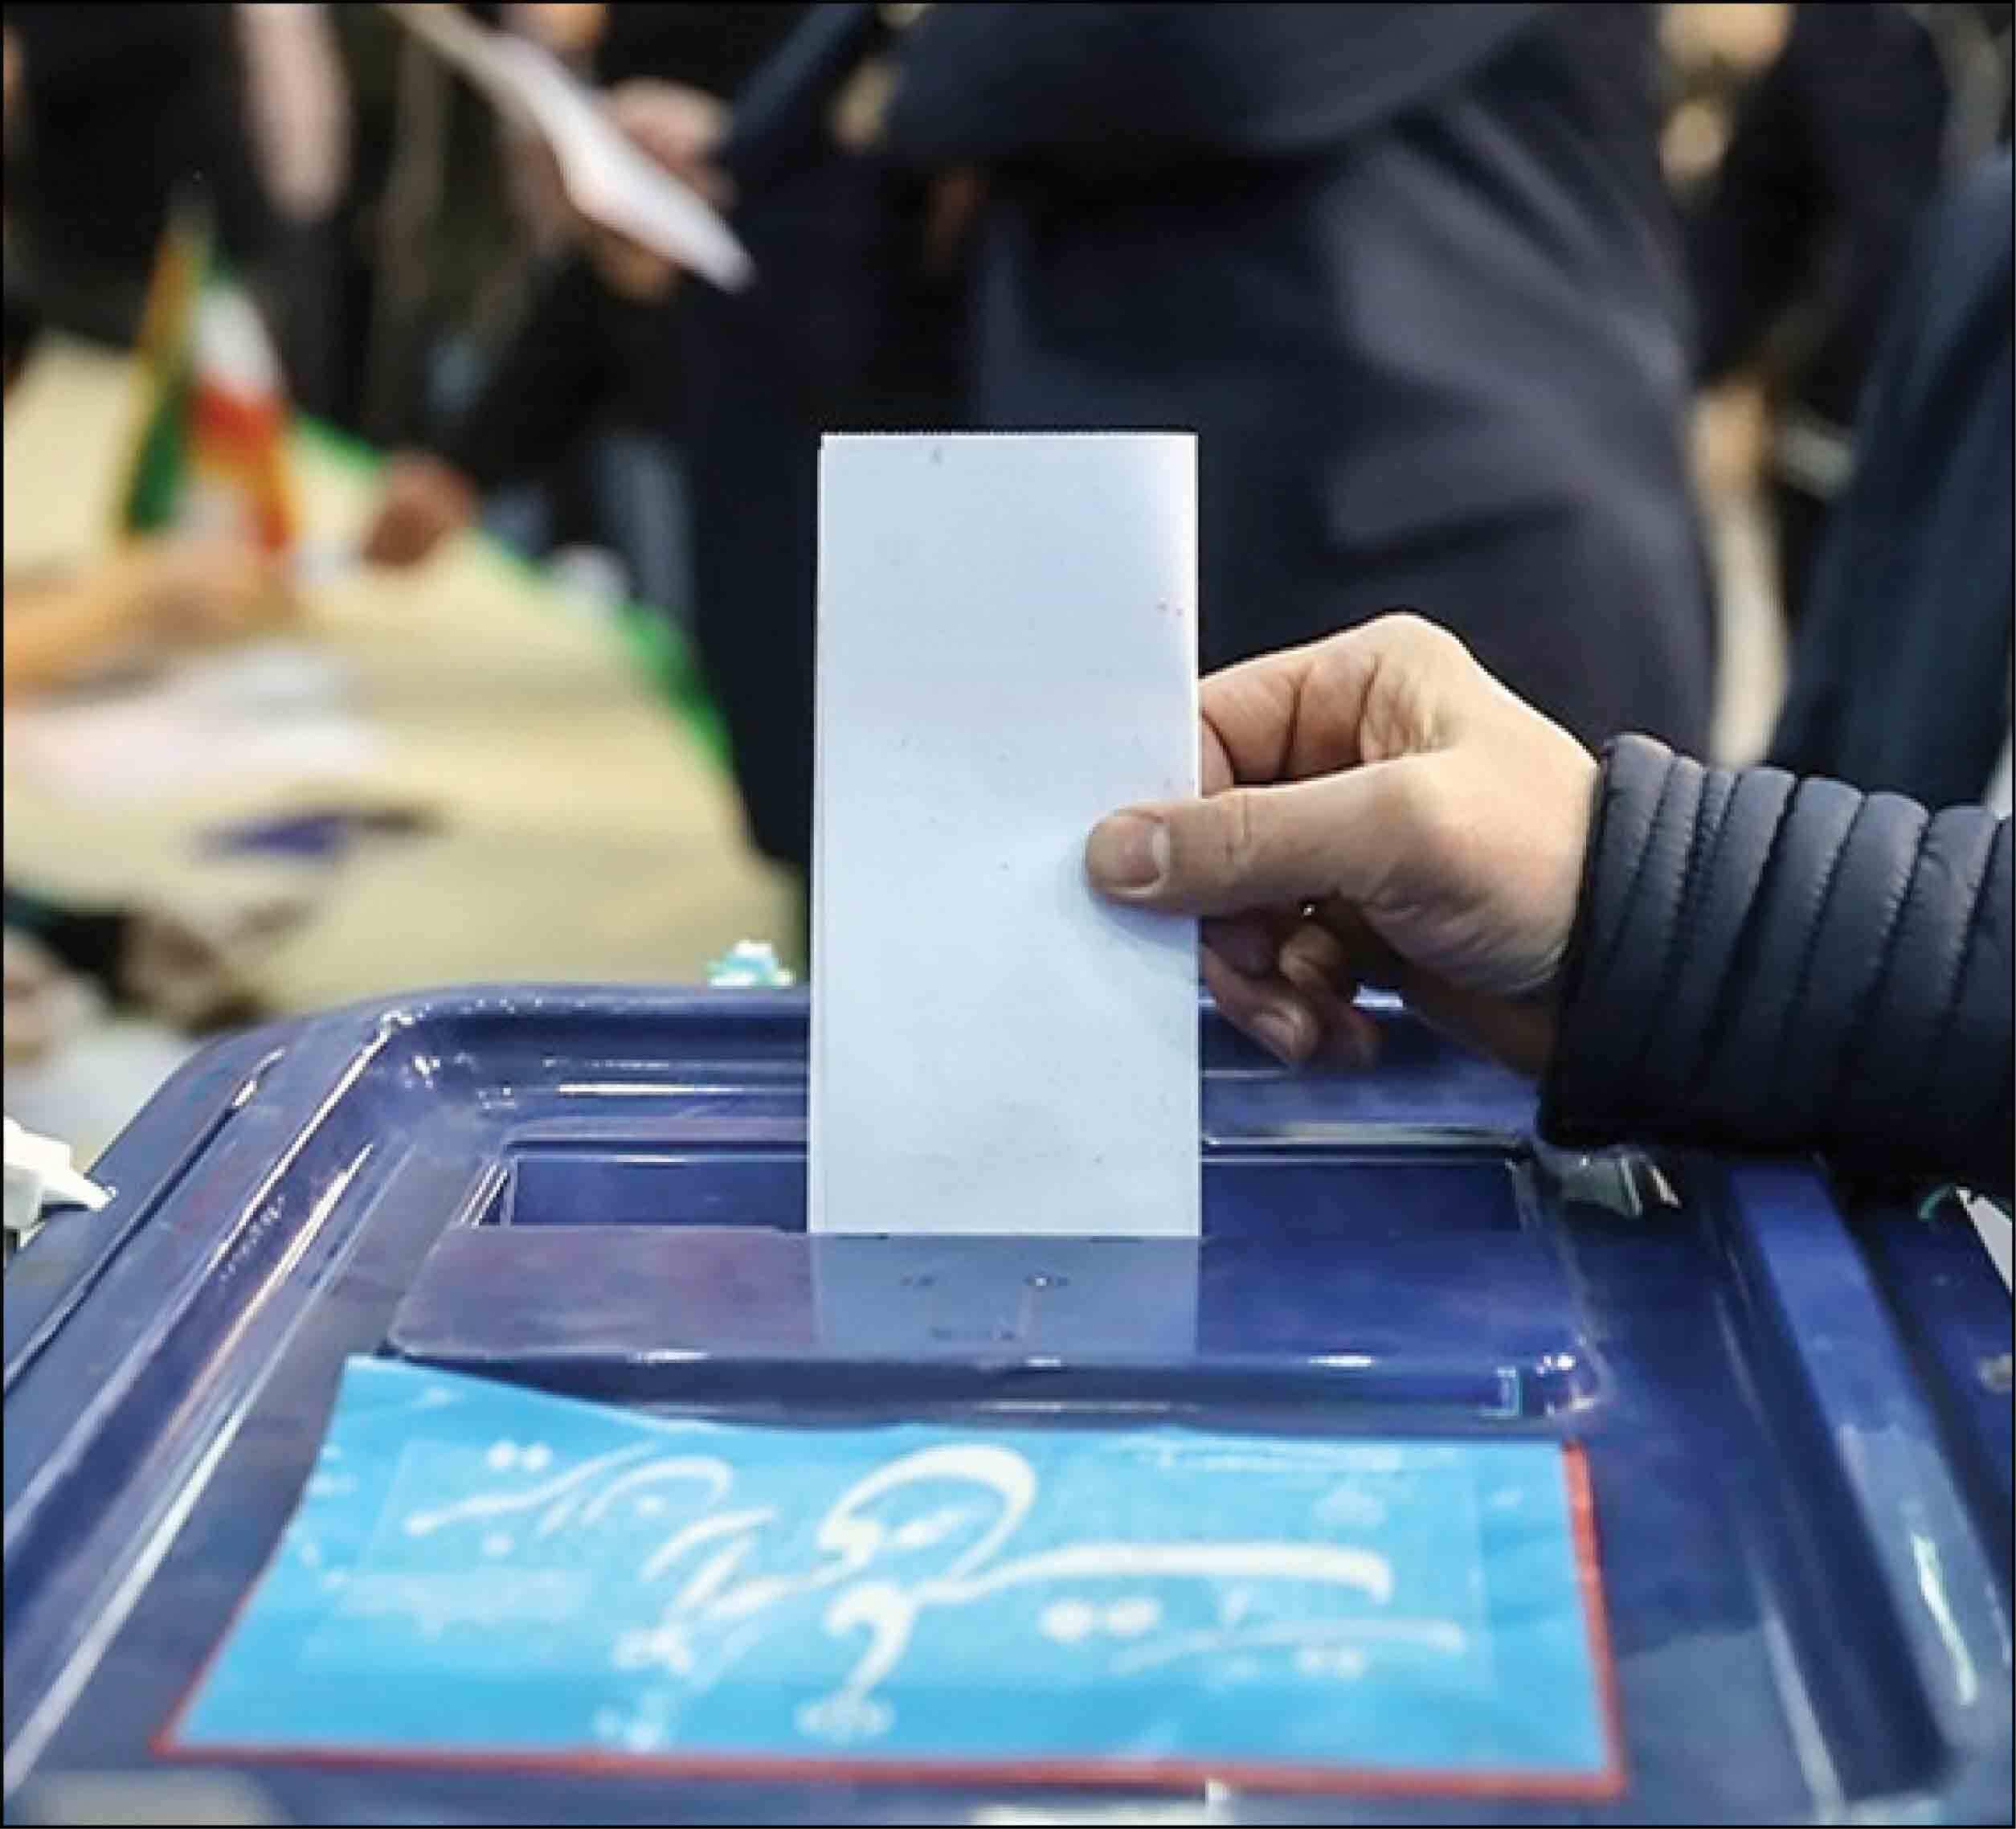 هزینه برگزاری هر دوره از انتخابات چقدر است؟